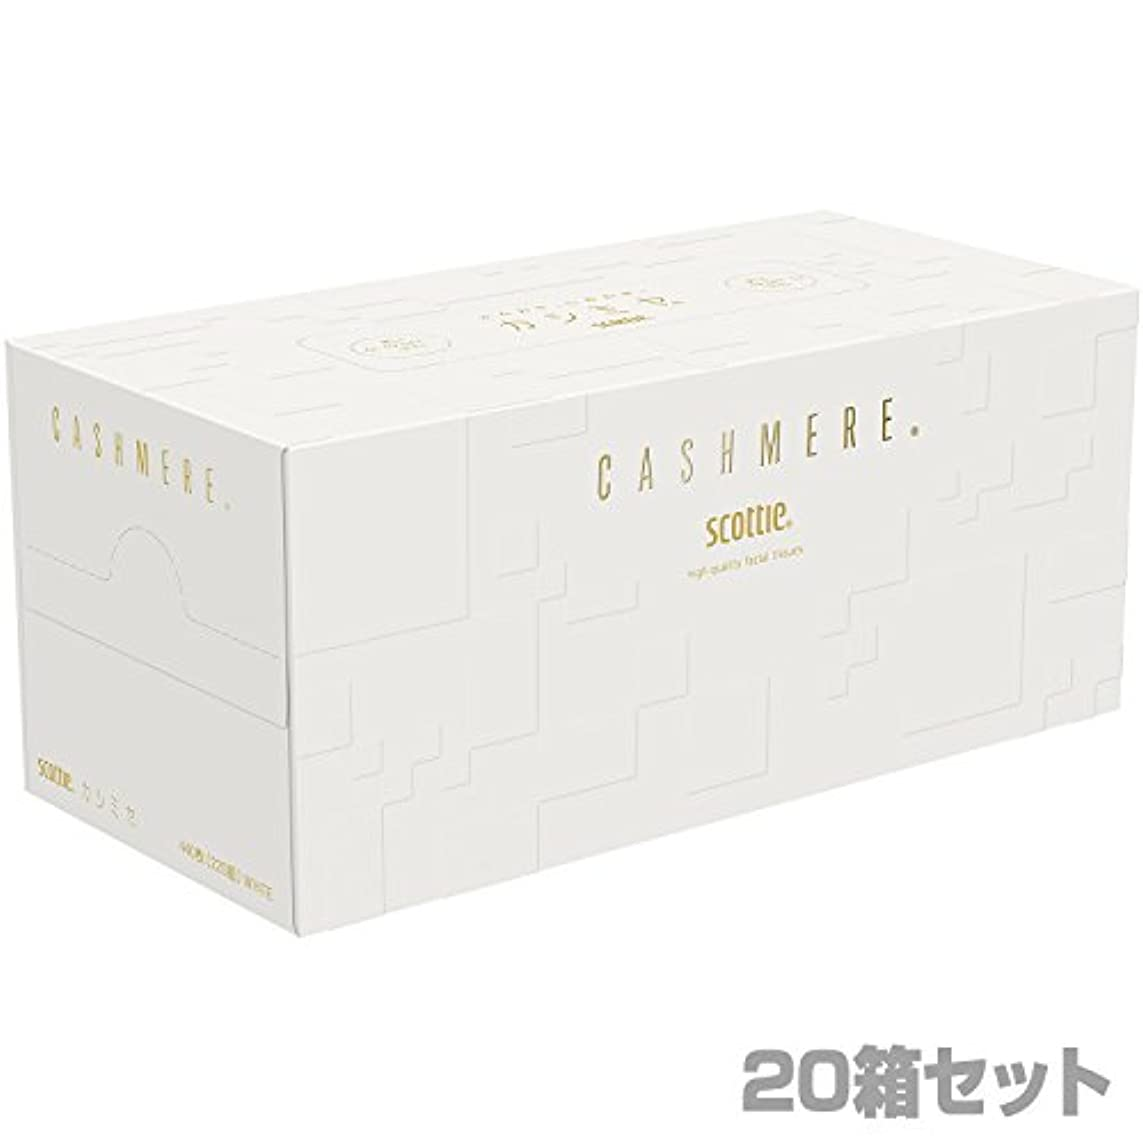 させる受け入れた機関車日本製紙クレシア スコッティ カシミヤ ティッシュペーパー440枚(220組)×20箱 44357